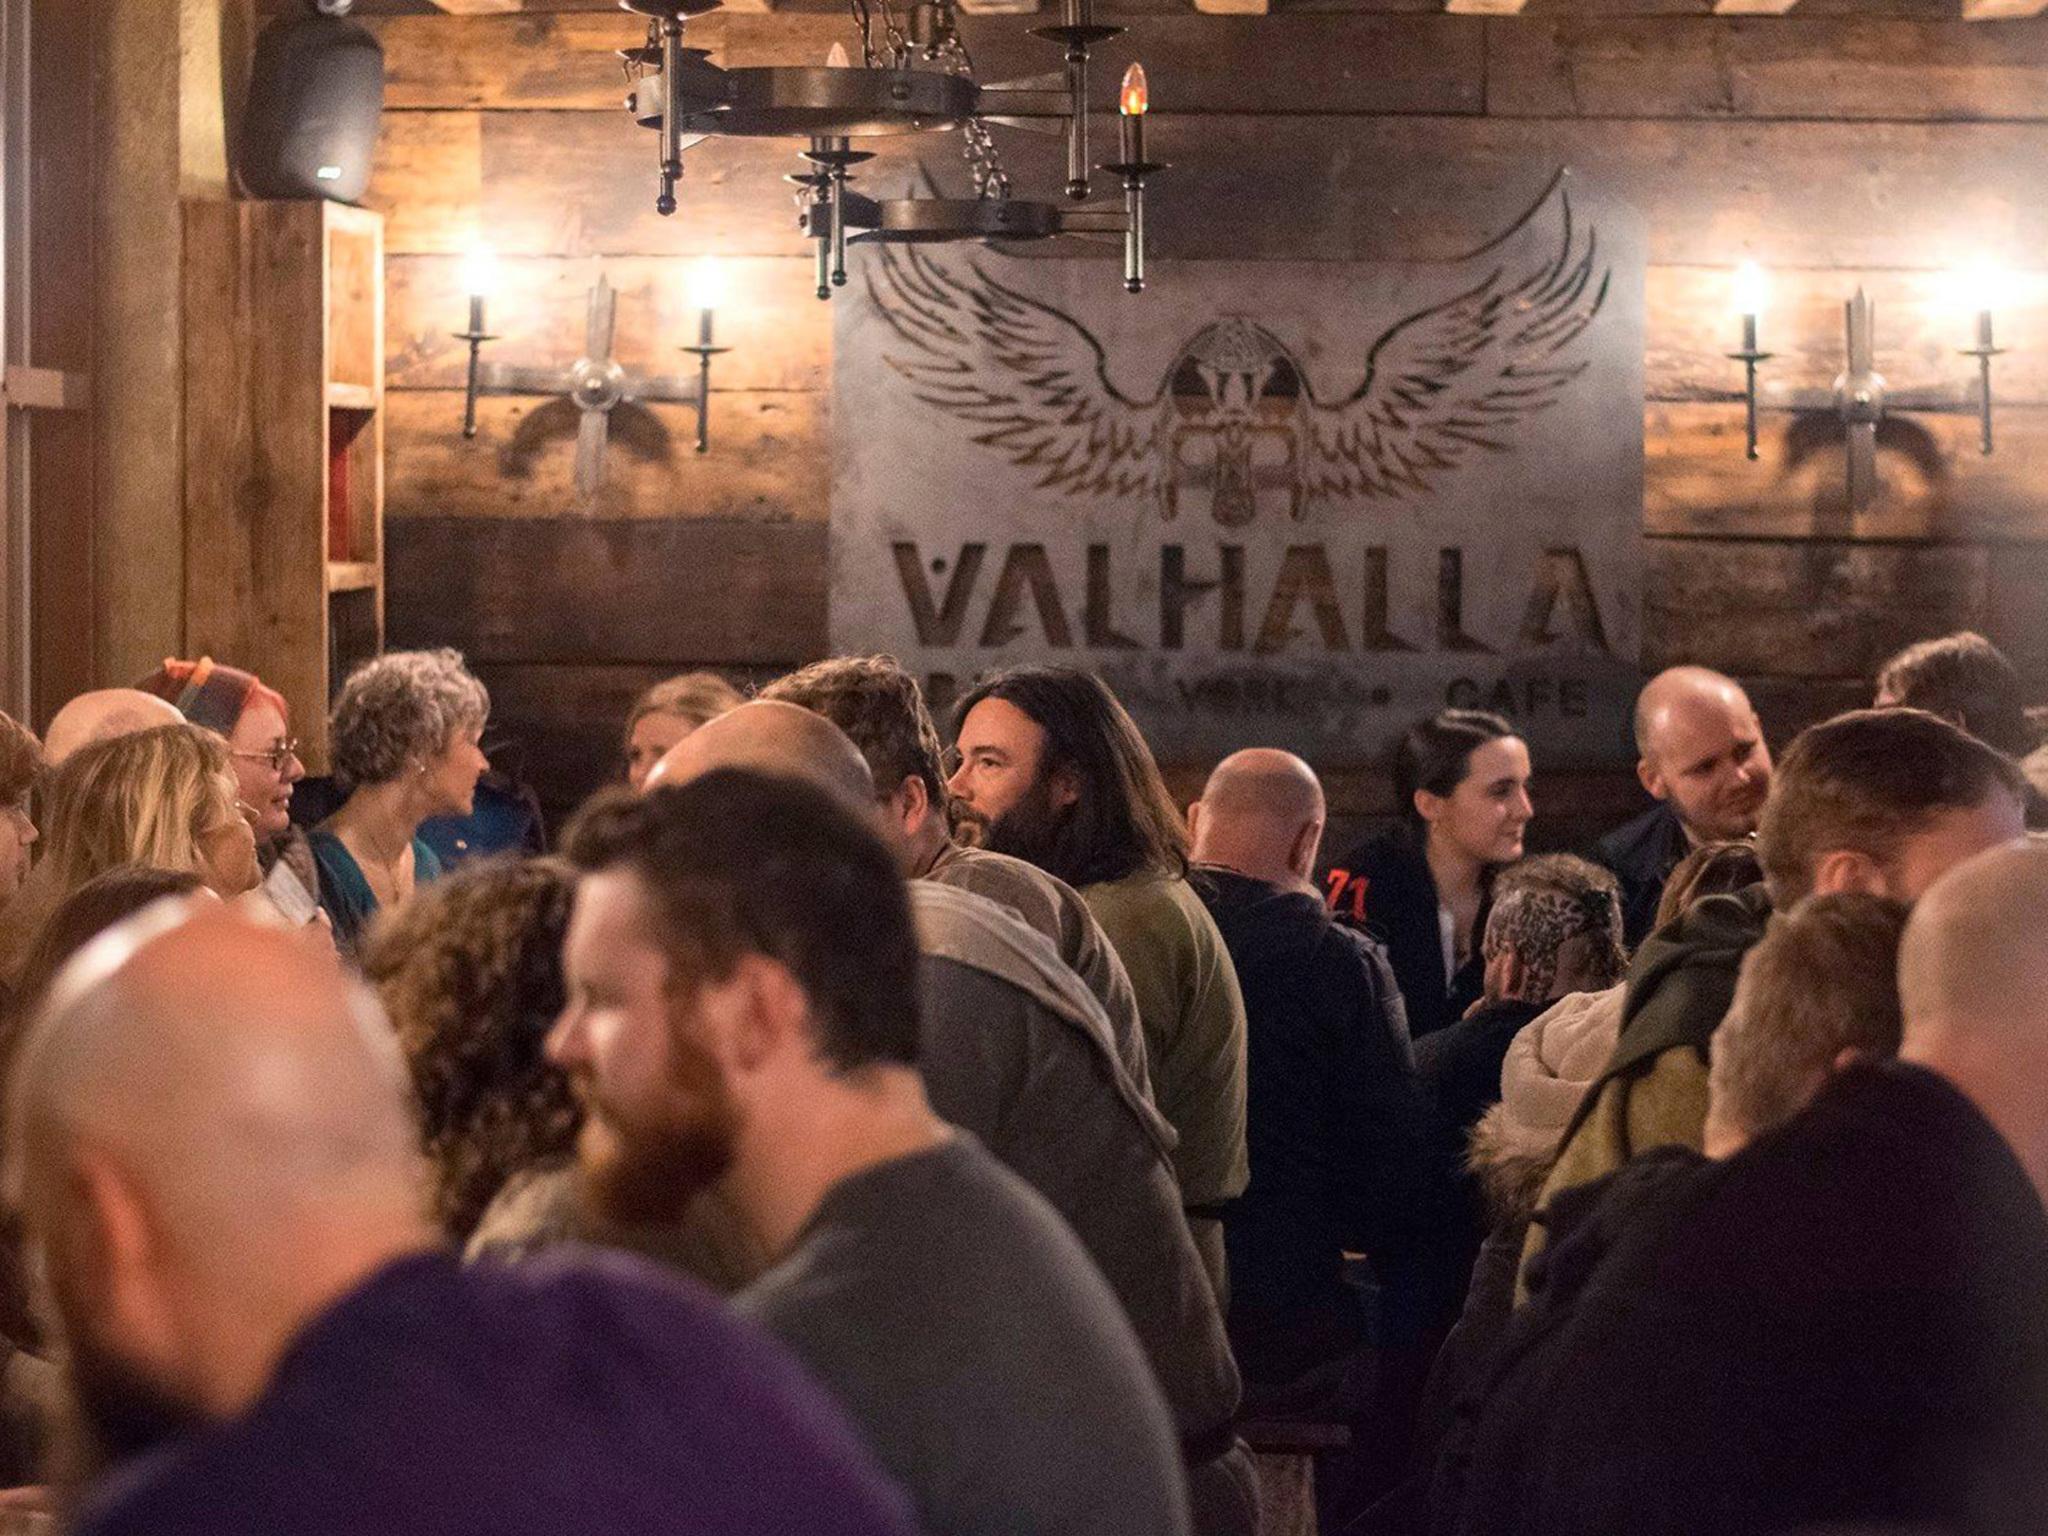 Valhalla in York